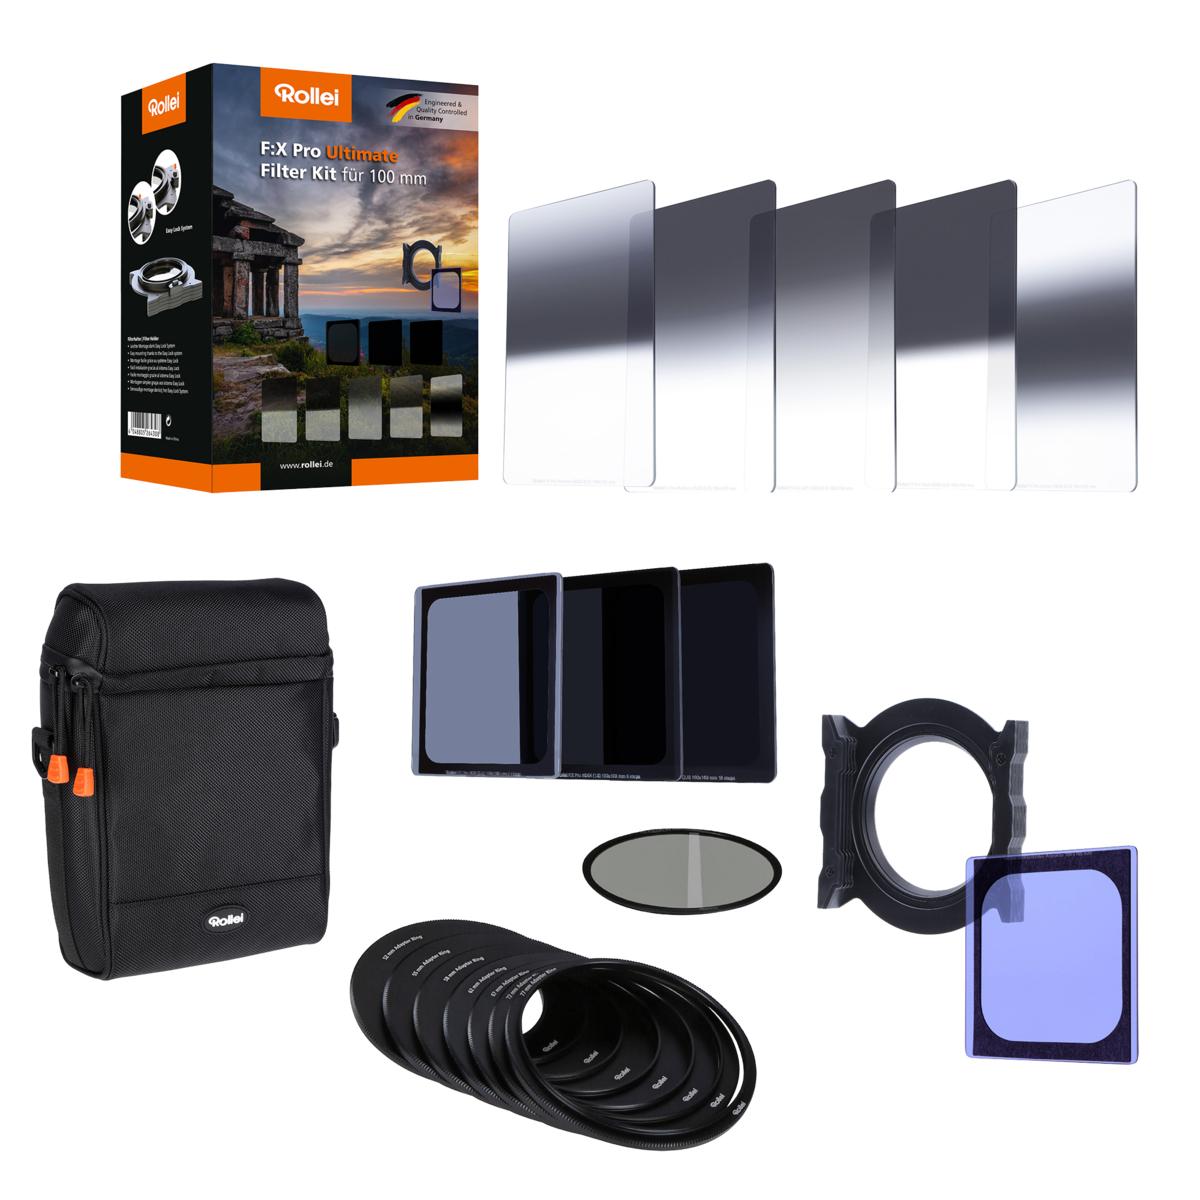 Rollei Kamera-Filterset F:X Pro Ultimate (Set mit Filterhalter, Filtern und Tasche)